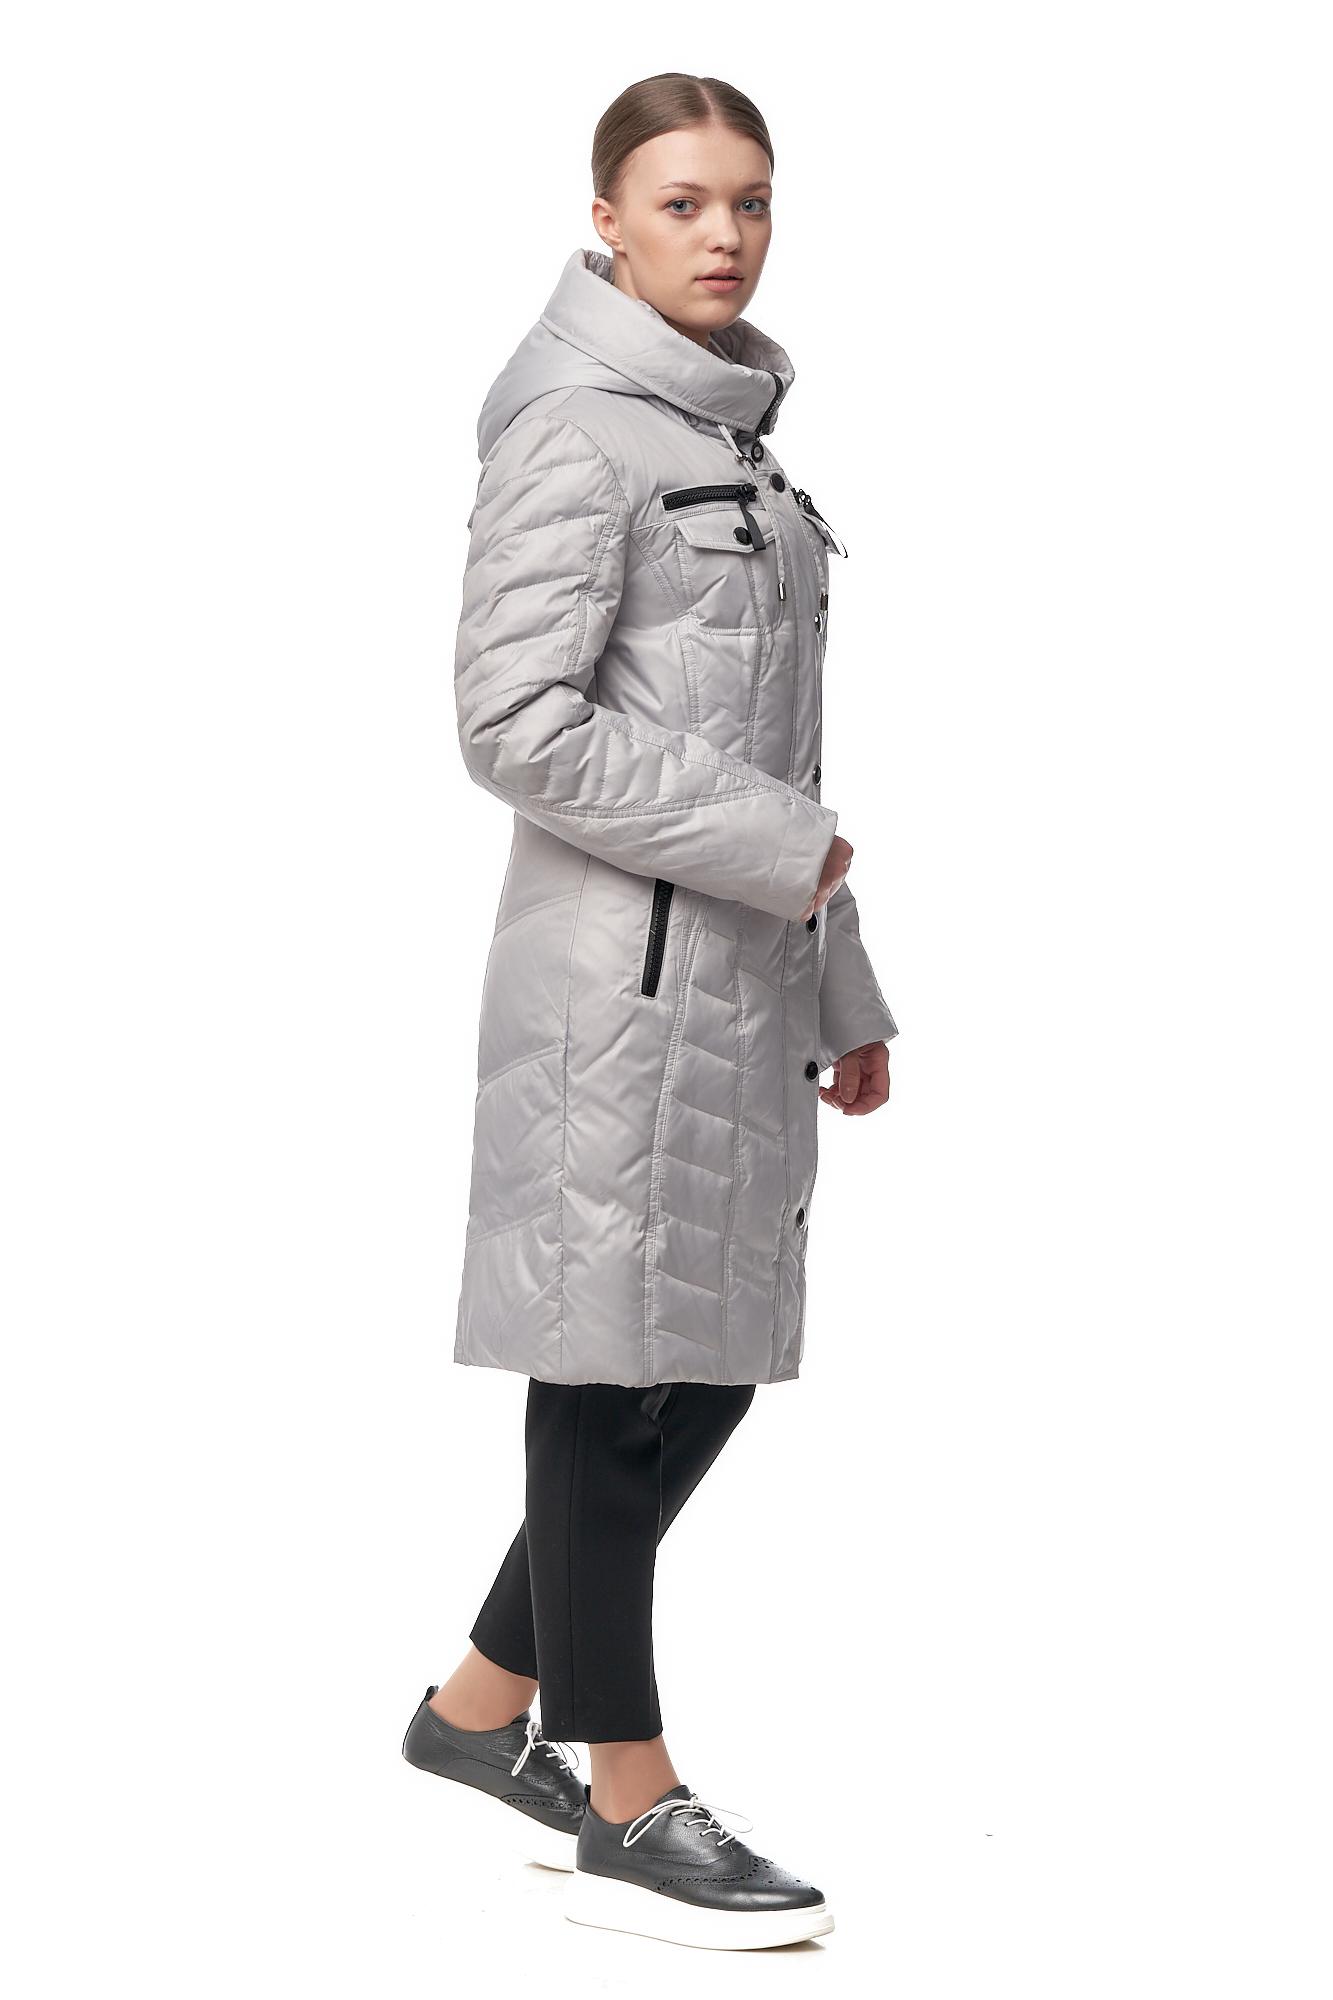 Женское пальто из текстиля с капюшоном фото 2